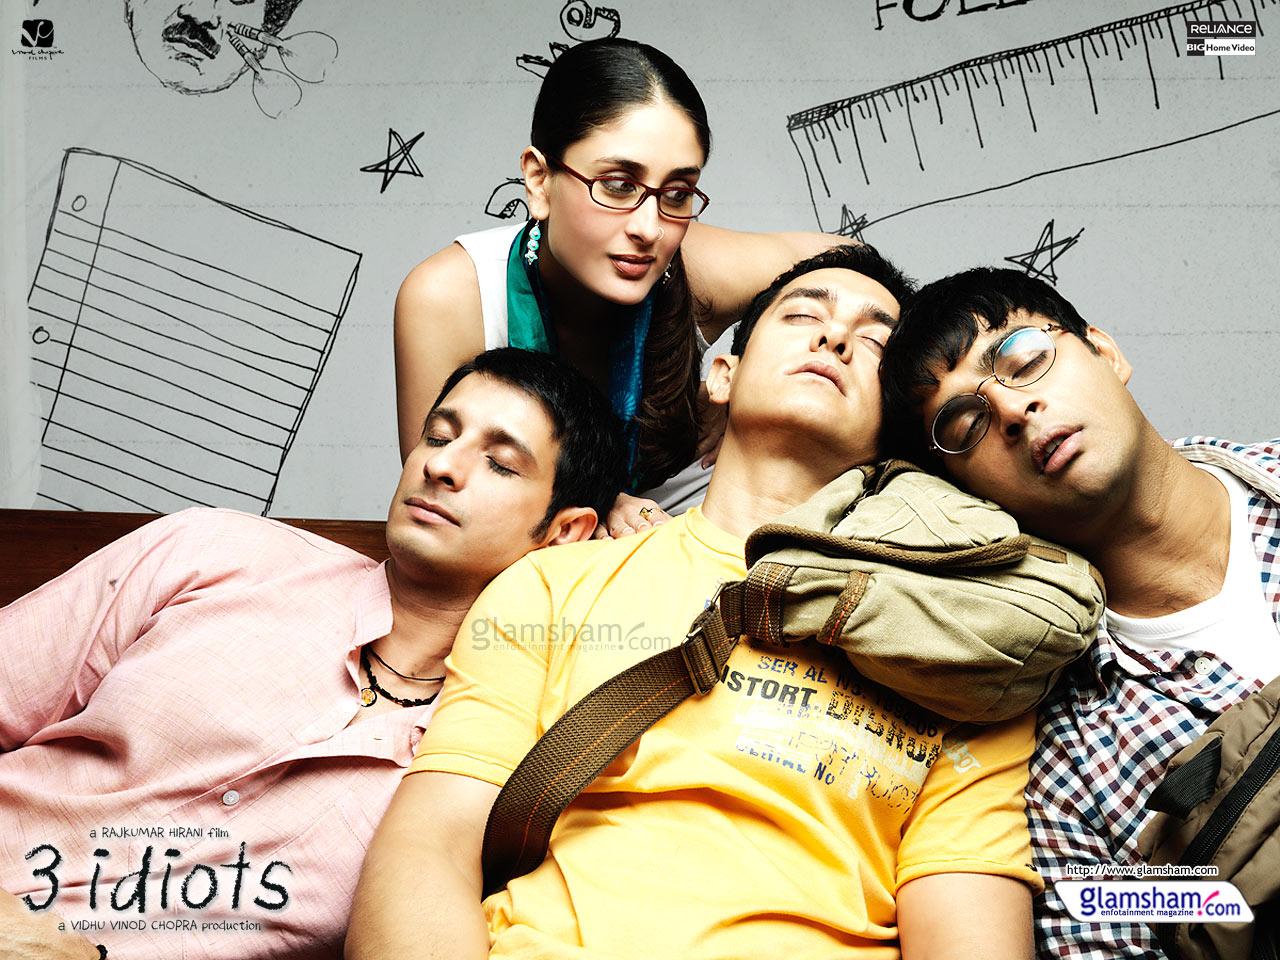 3 Idiots Full Movie Hd